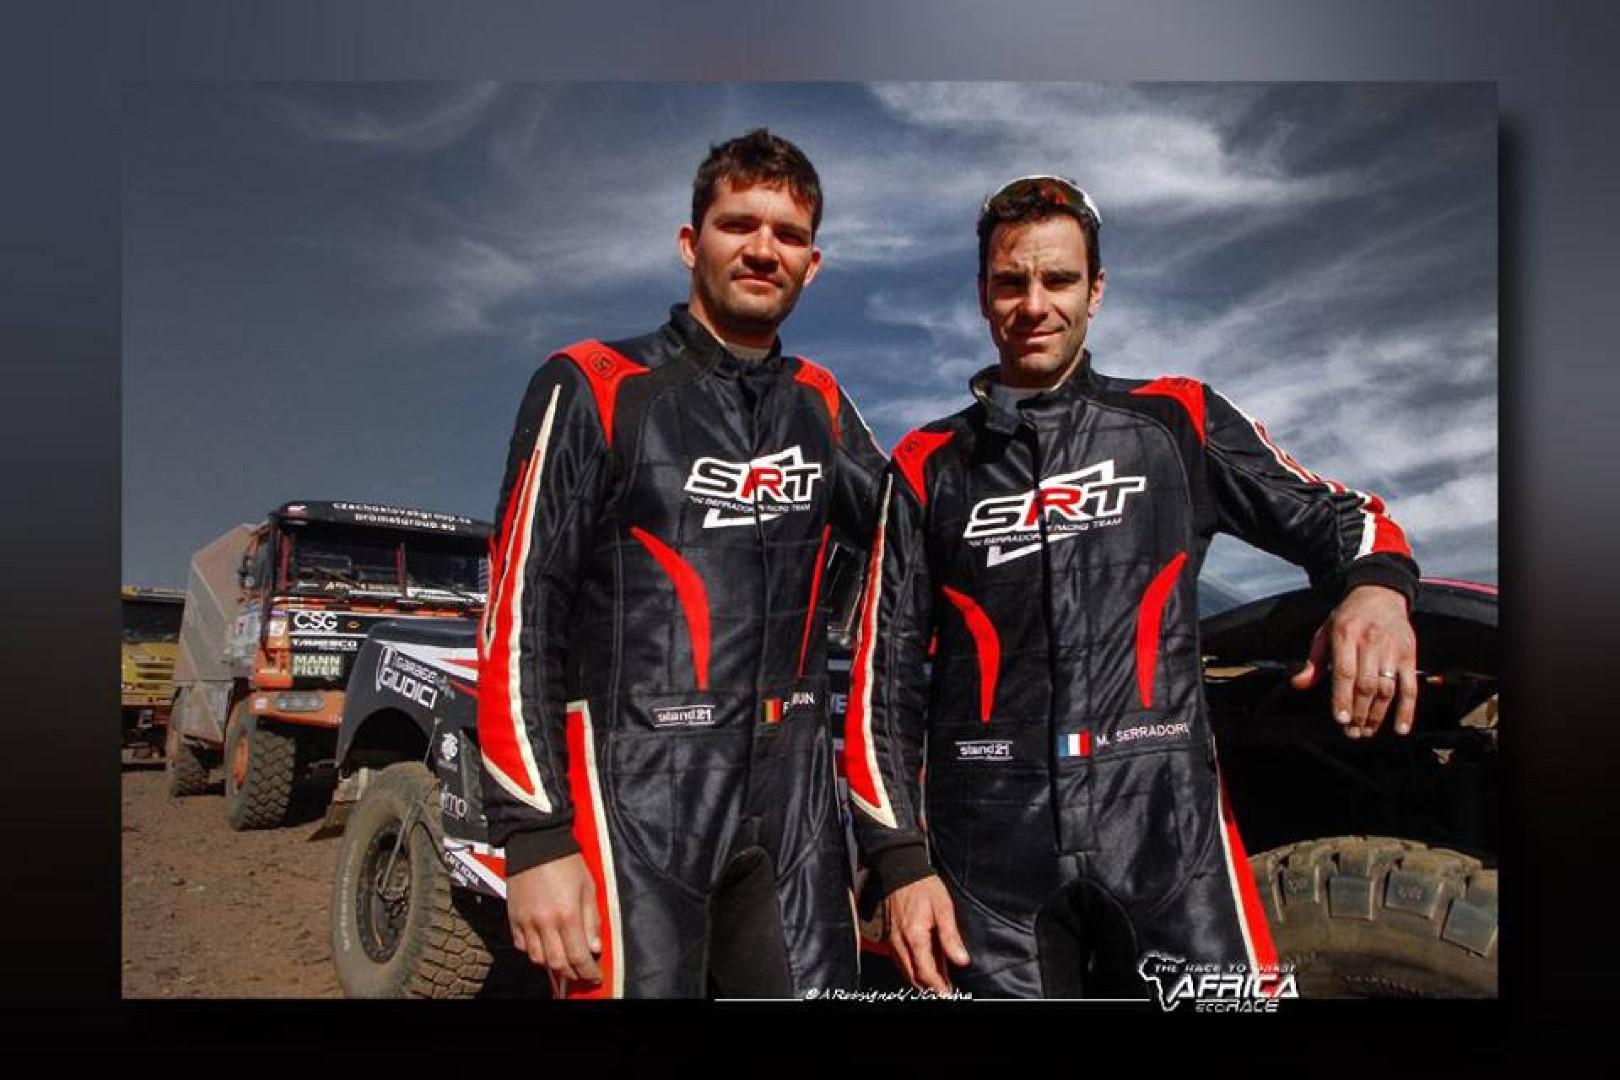 AFRICA ECO RACE : Le rendez-vous incontournable pour le team SRT !